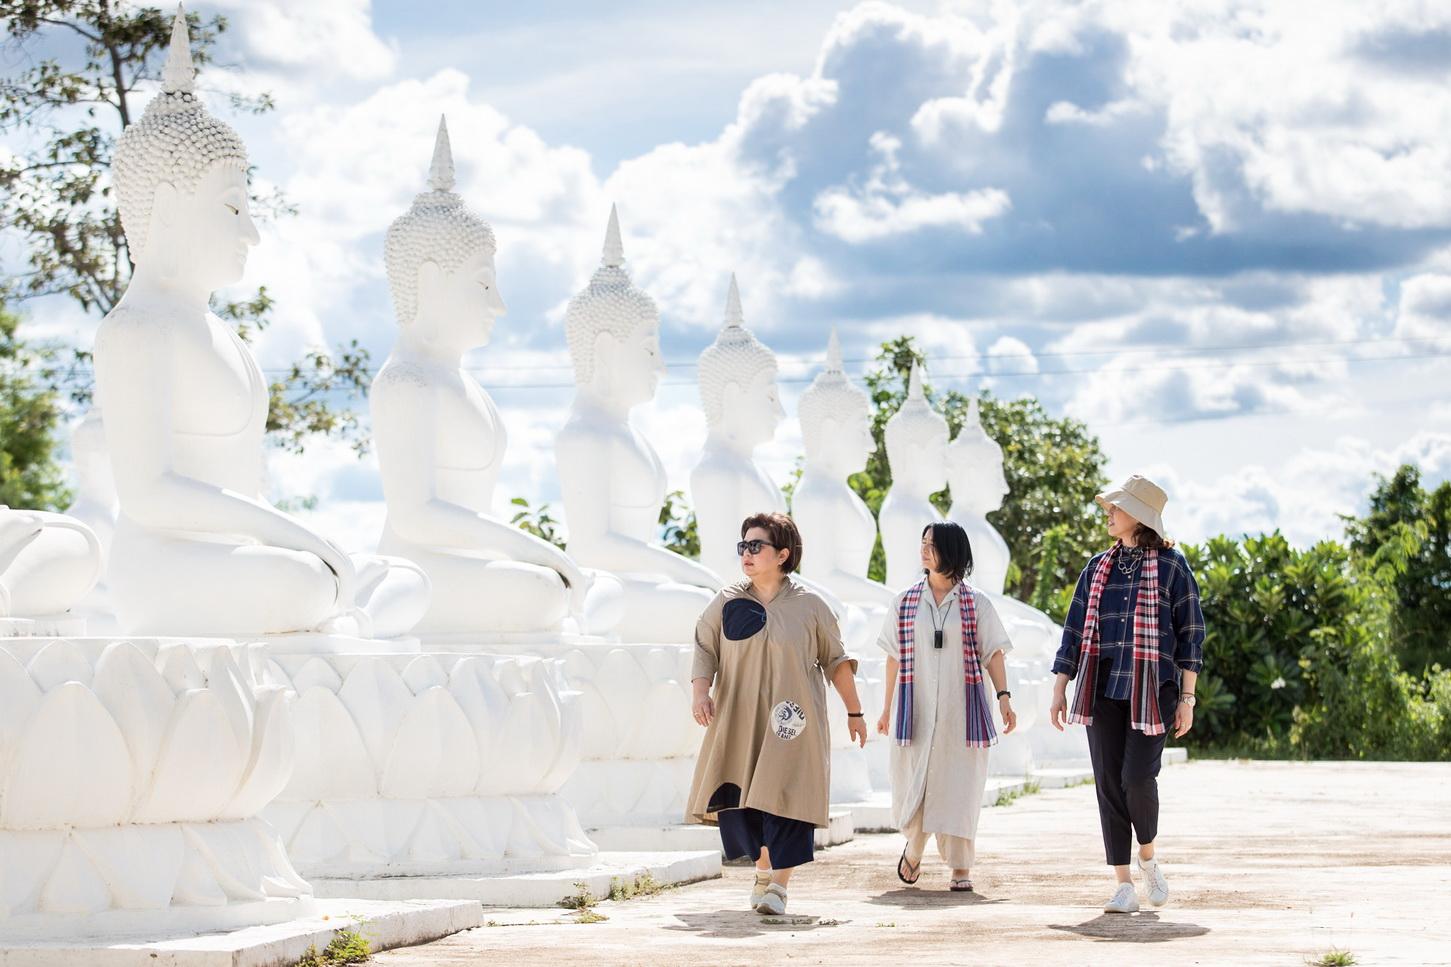 กรมส่งเสริมวัฒนธรรม การท่องเที่ยวแห่งประเทศไทย